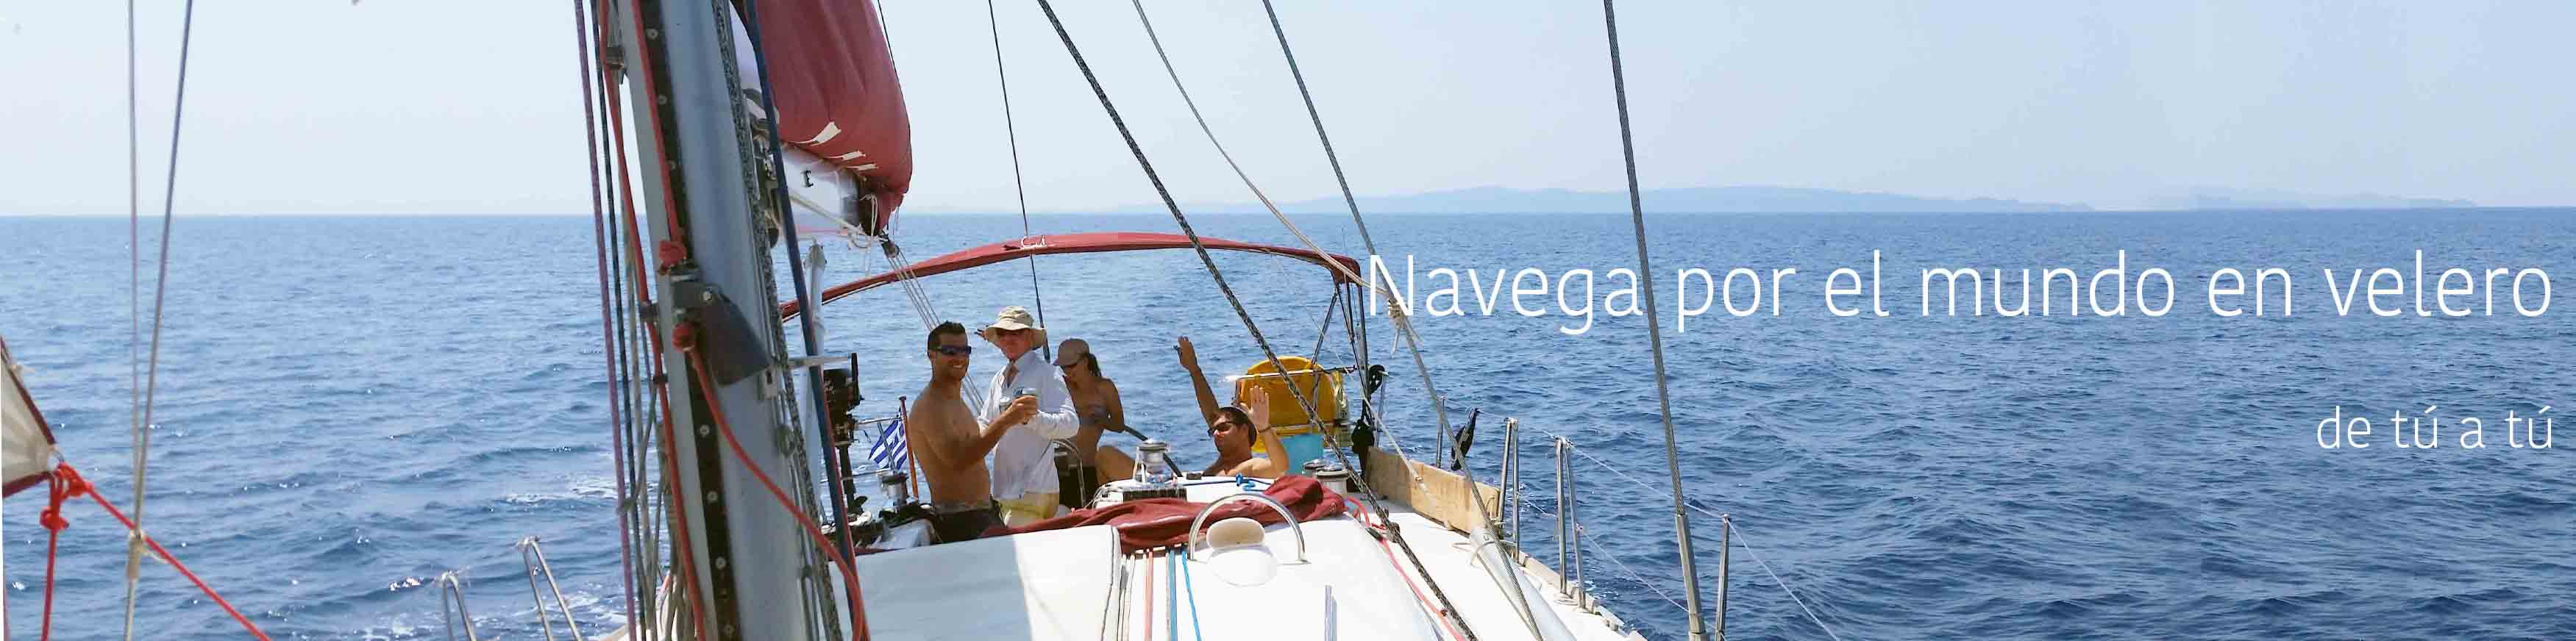 Navegando por el mundo a bordo de un velero